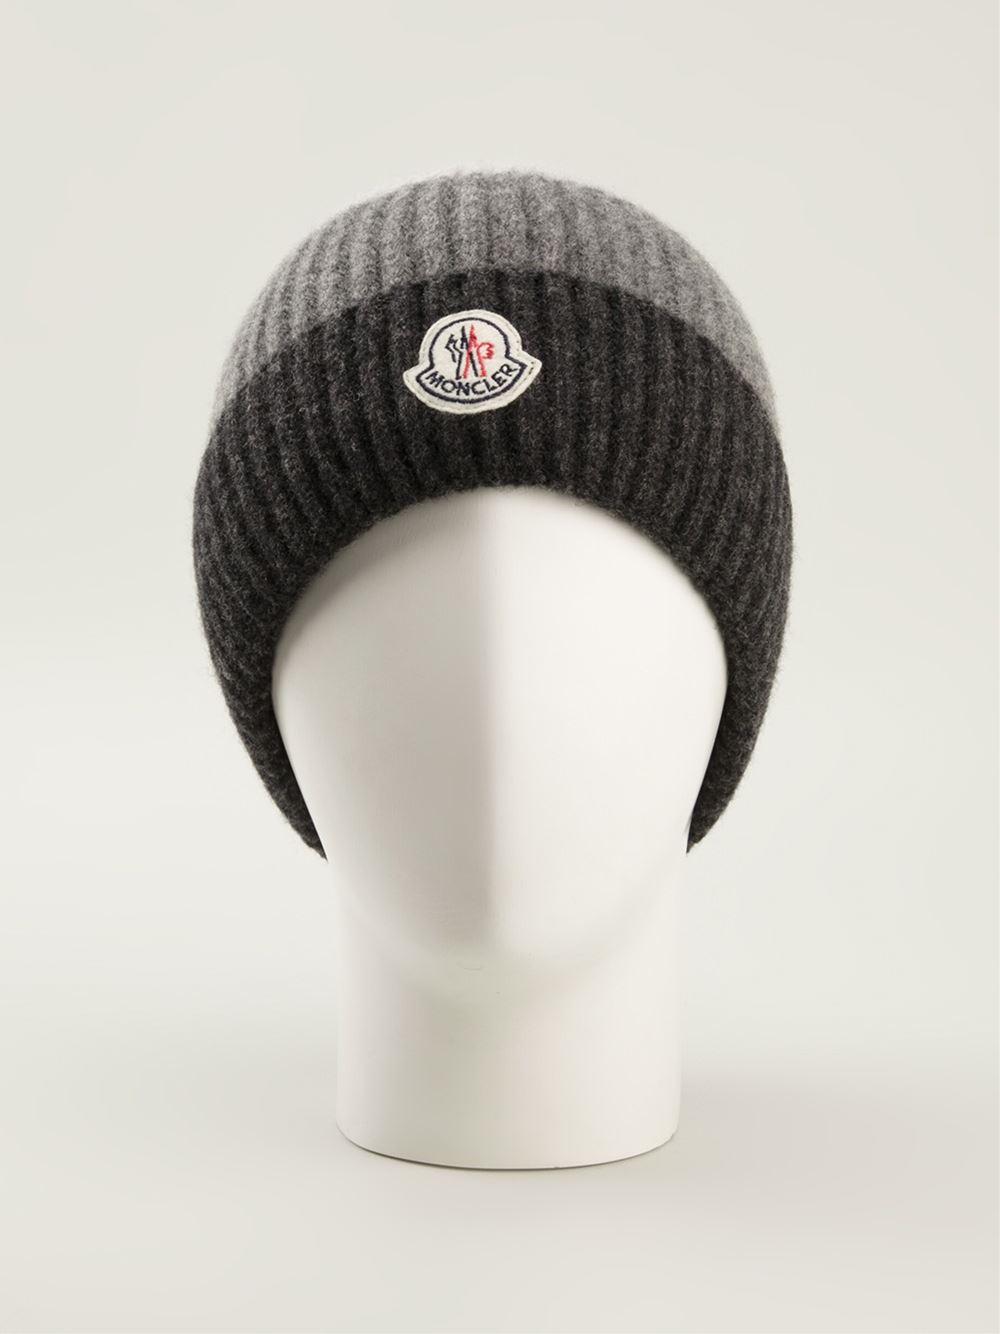 Lyst - Moncler Striped Beanie Hat in Black for Men 7a308701af9